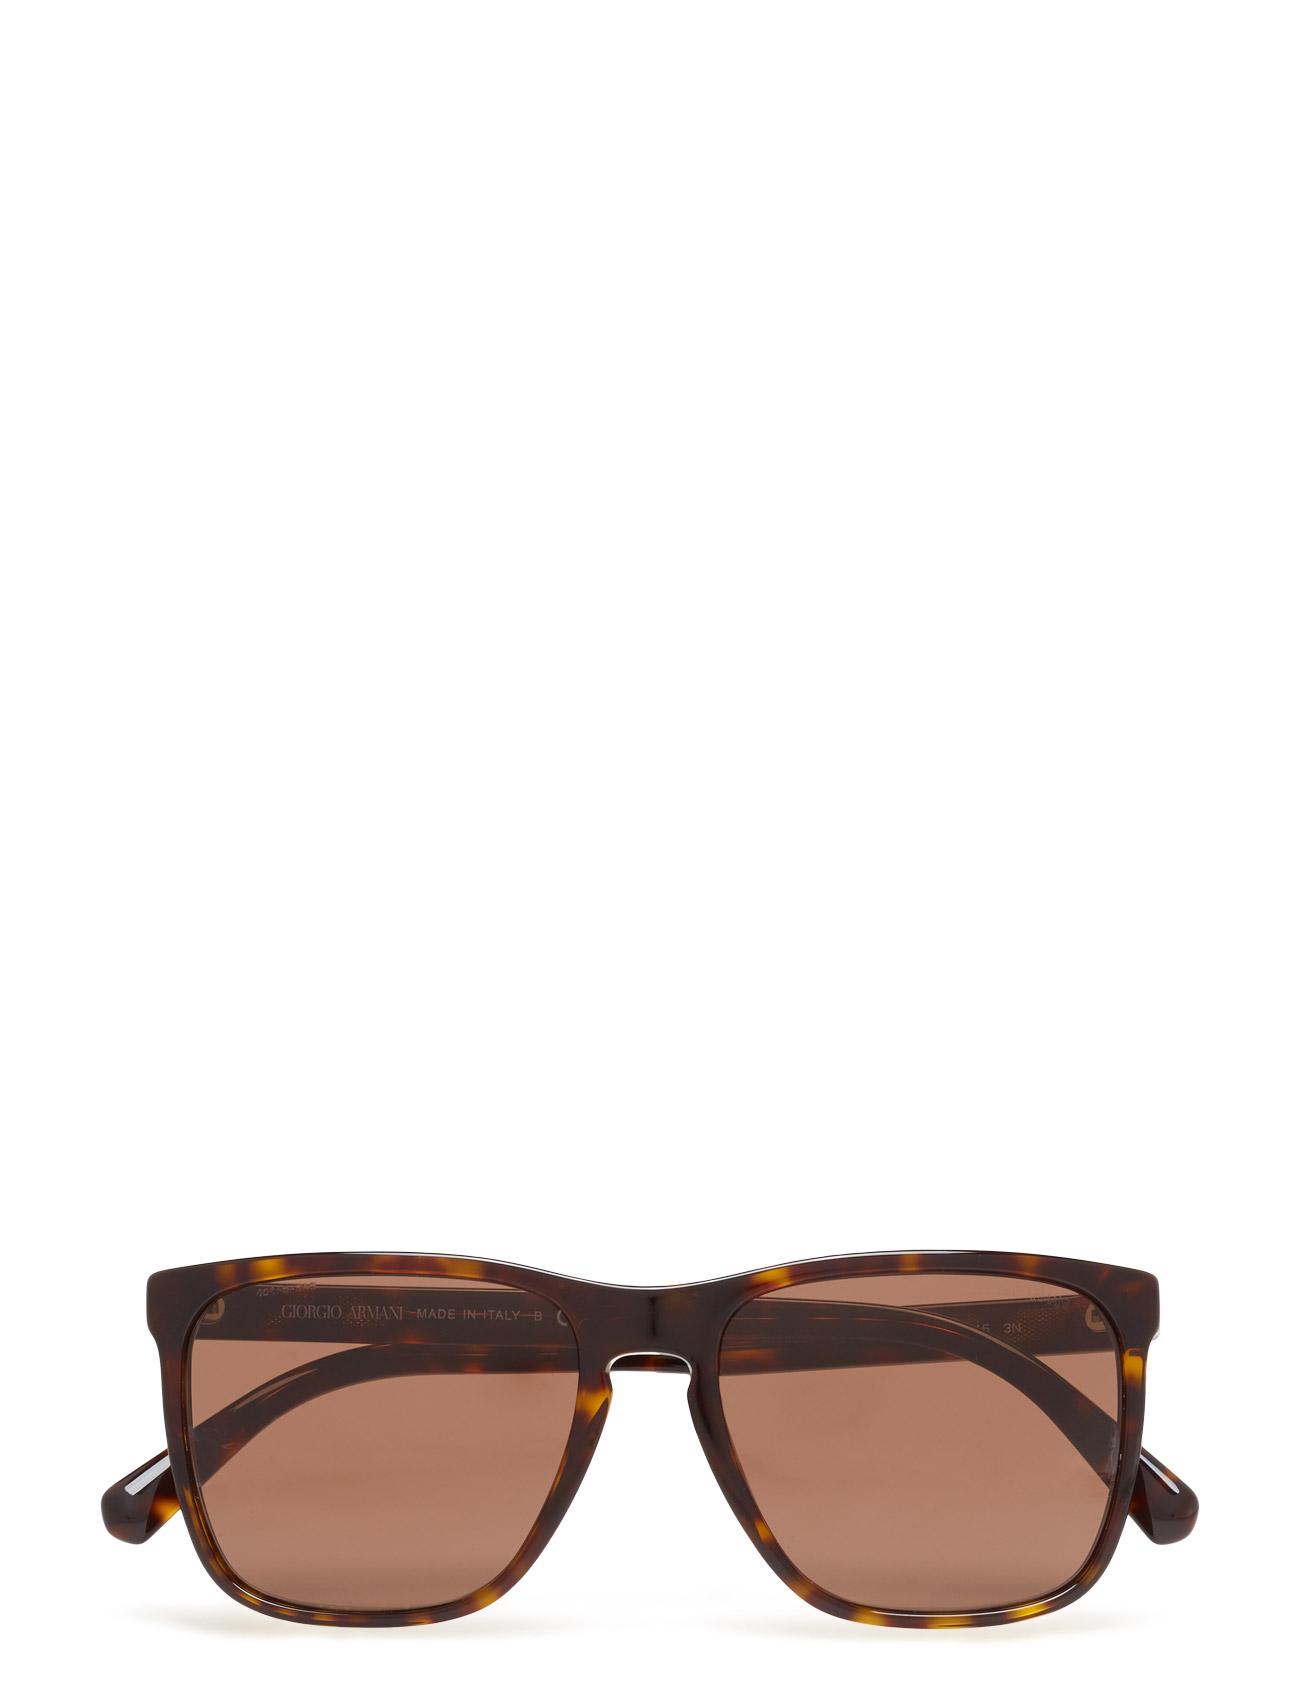 Timeless Elegance Giorgio Armani Sunglasses Solbriller til Mænd i